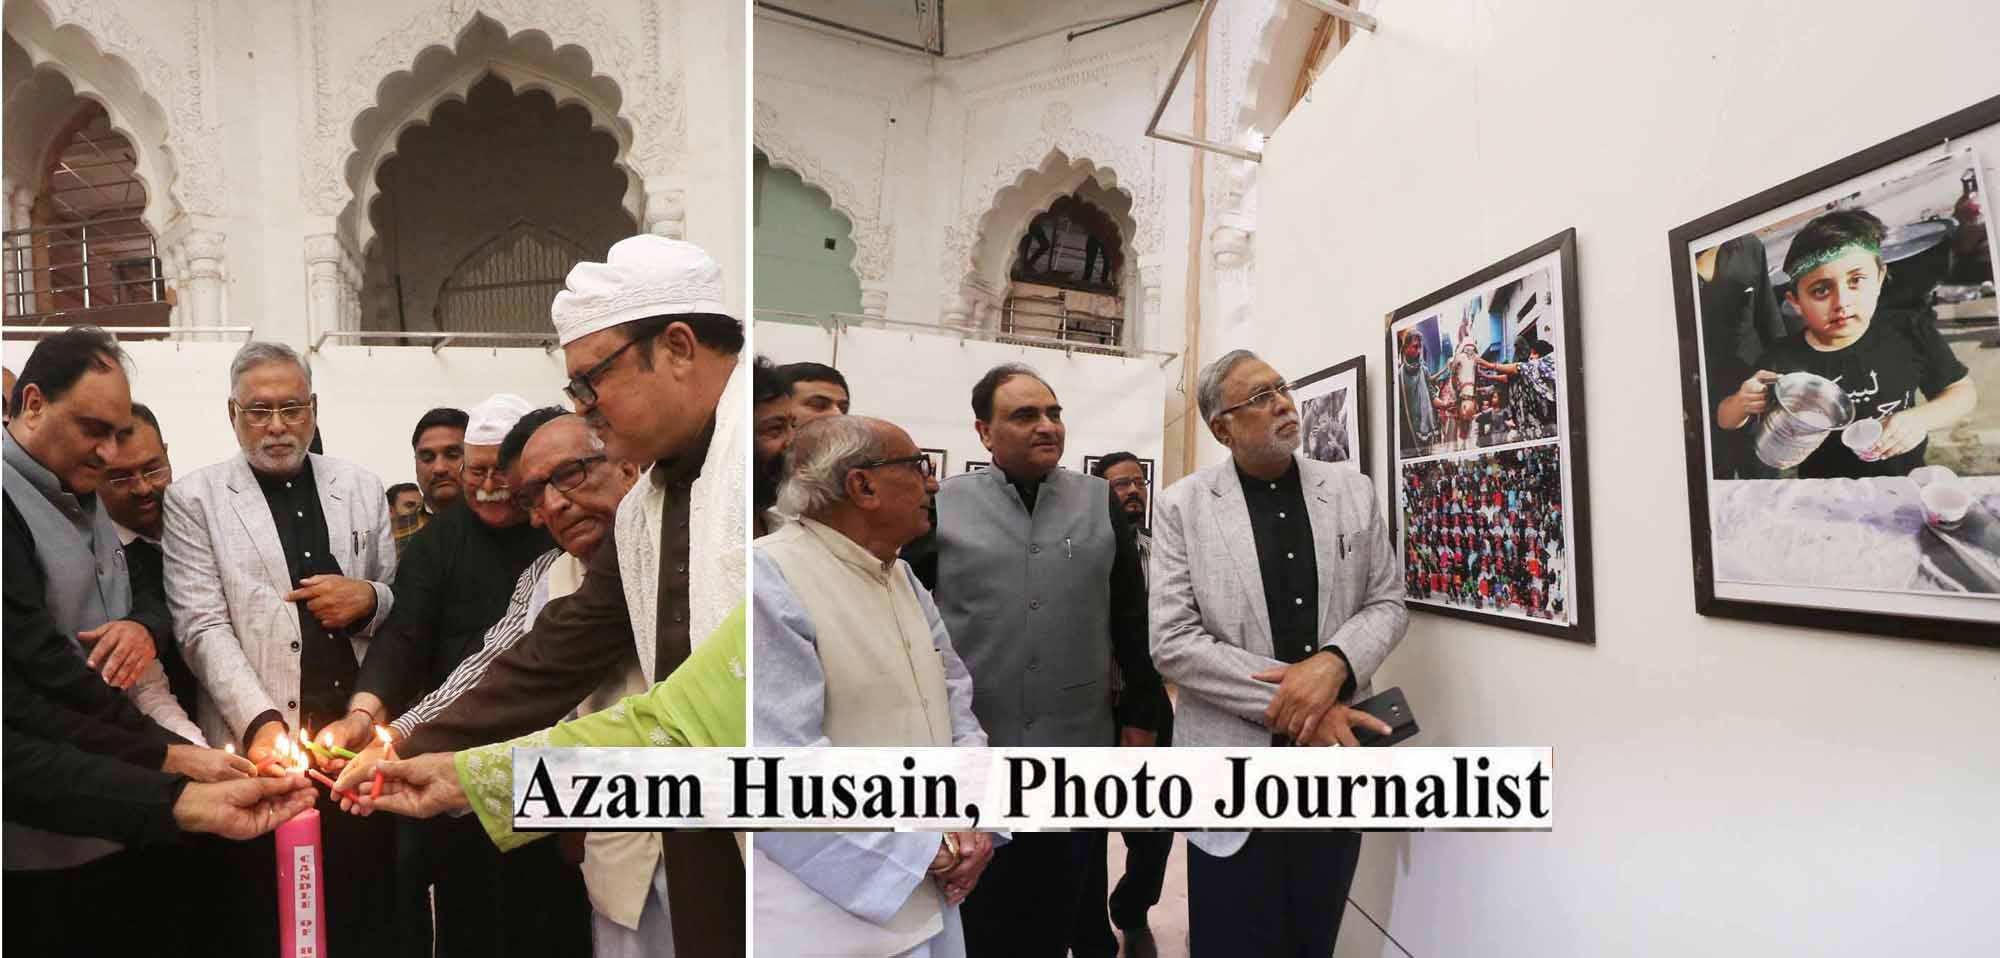 कर्बला की दास्तां बयान करती 11वीं अंतर्राष्ट्रीयफ़ोटो व पेटिंग प्रदर्शनी शुरू